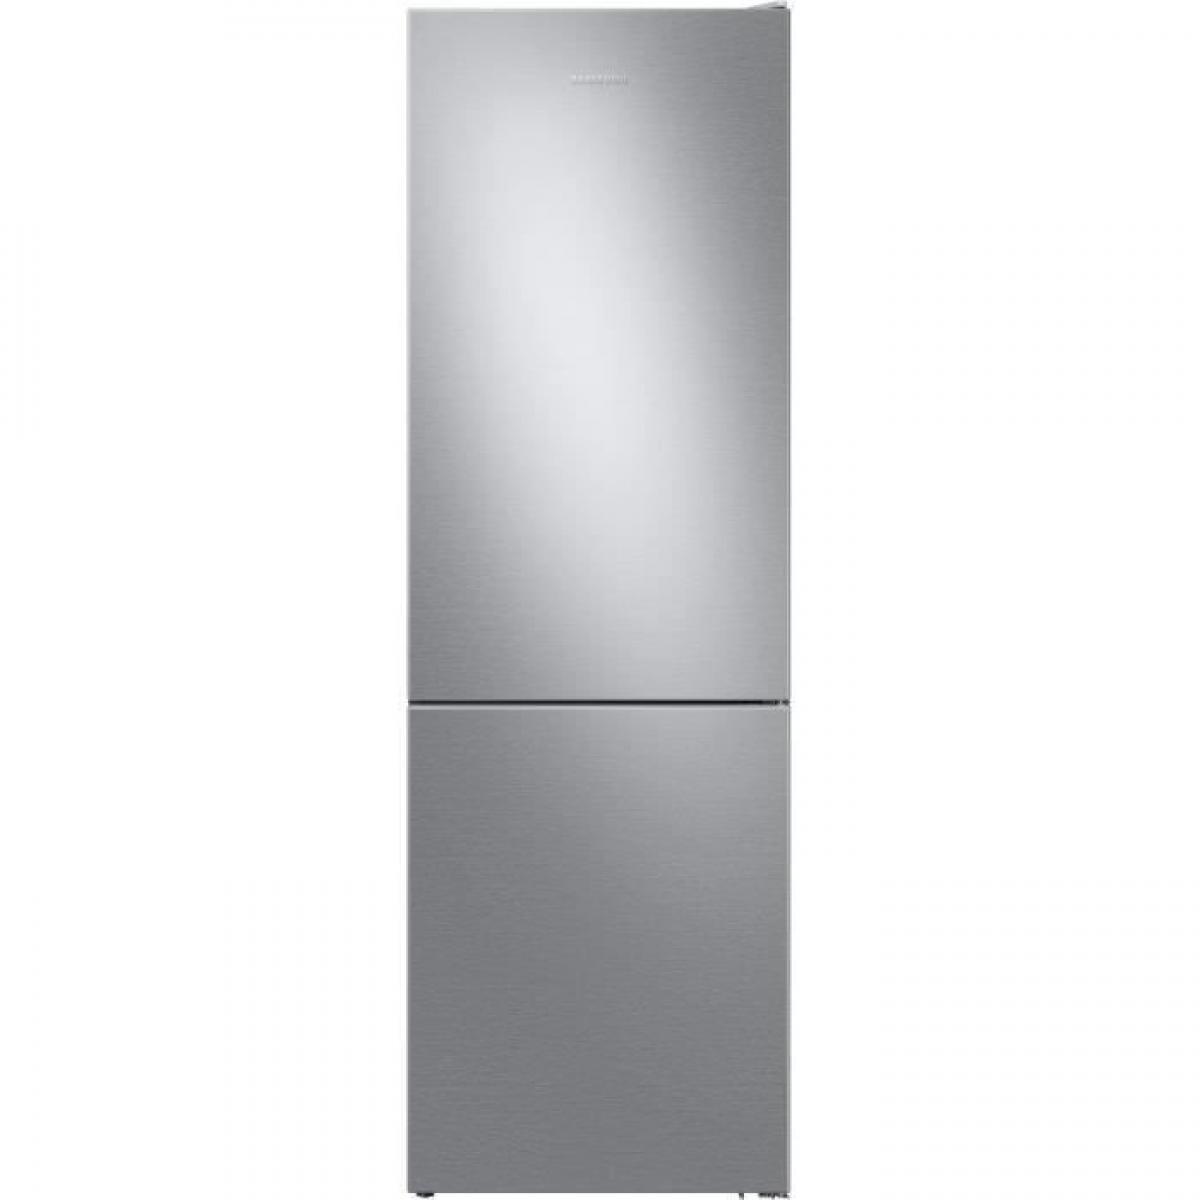 Samsung Réfrigérateur combiné 317L Froid Ventilé SAMSUNG 60cm A++, SAM8806090462870